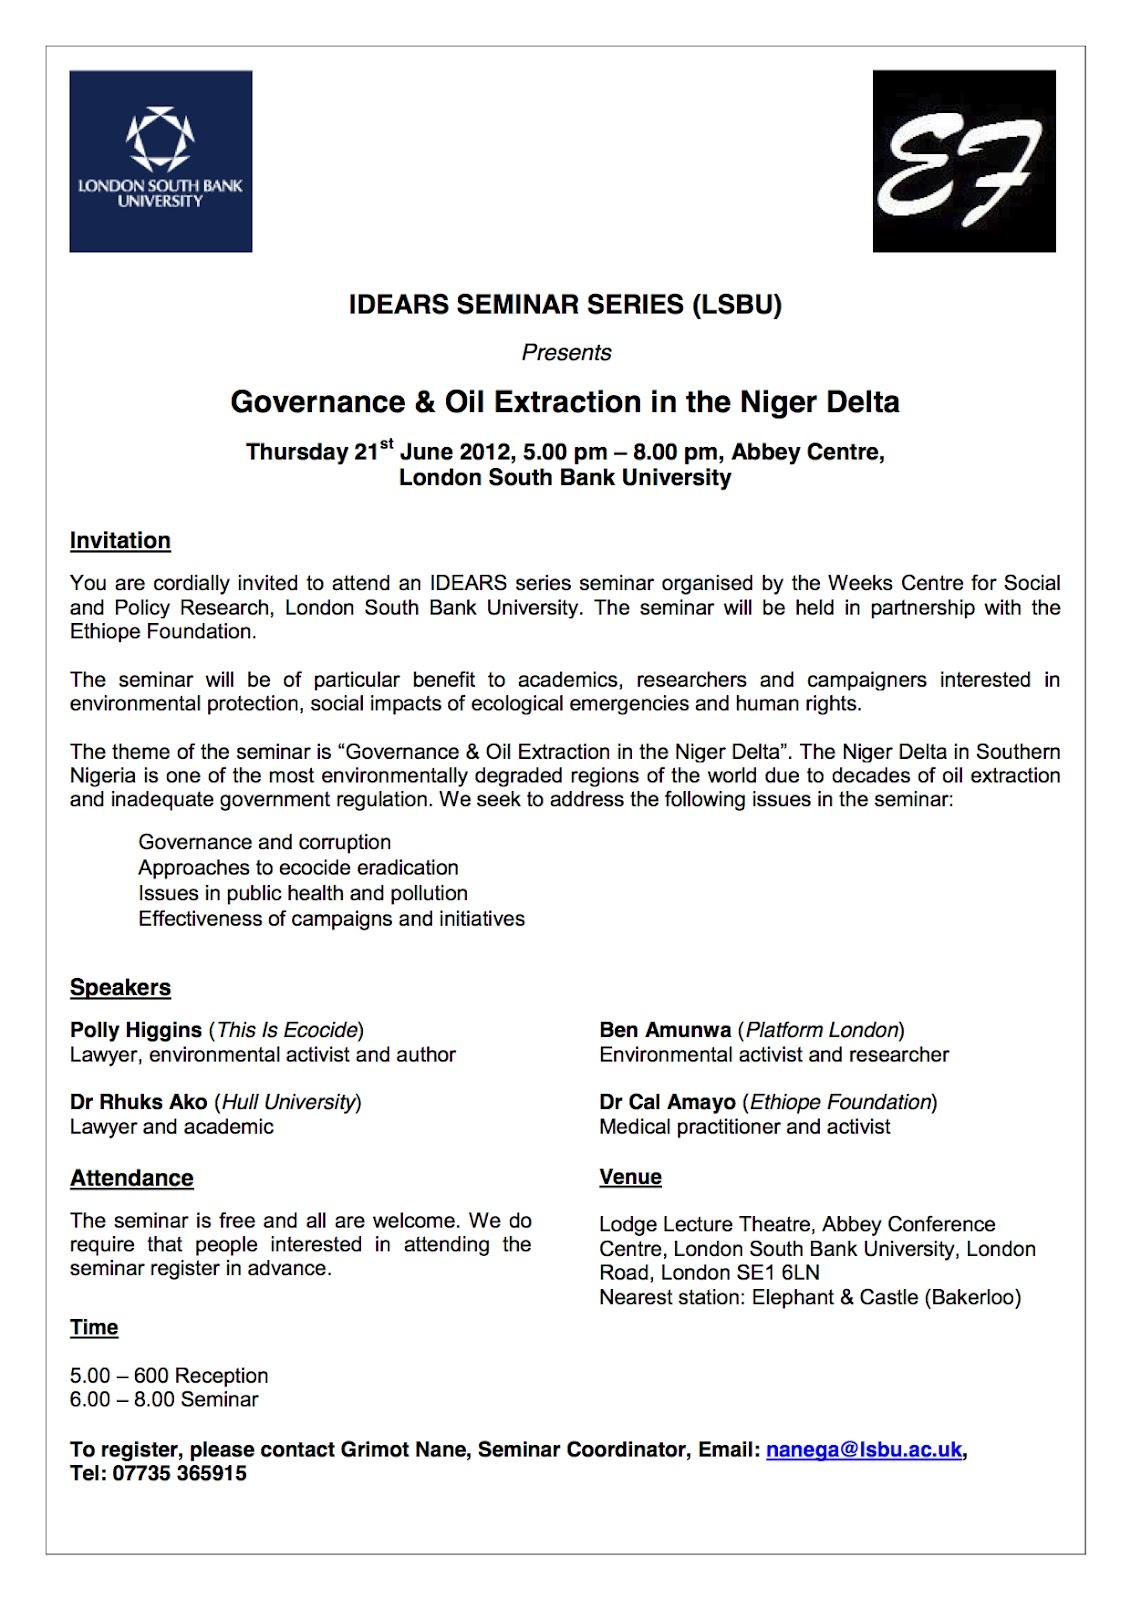 Naijablog niger delta governance seminar coming up in london niger delta governance seminar coming up in london stopboris Image collections